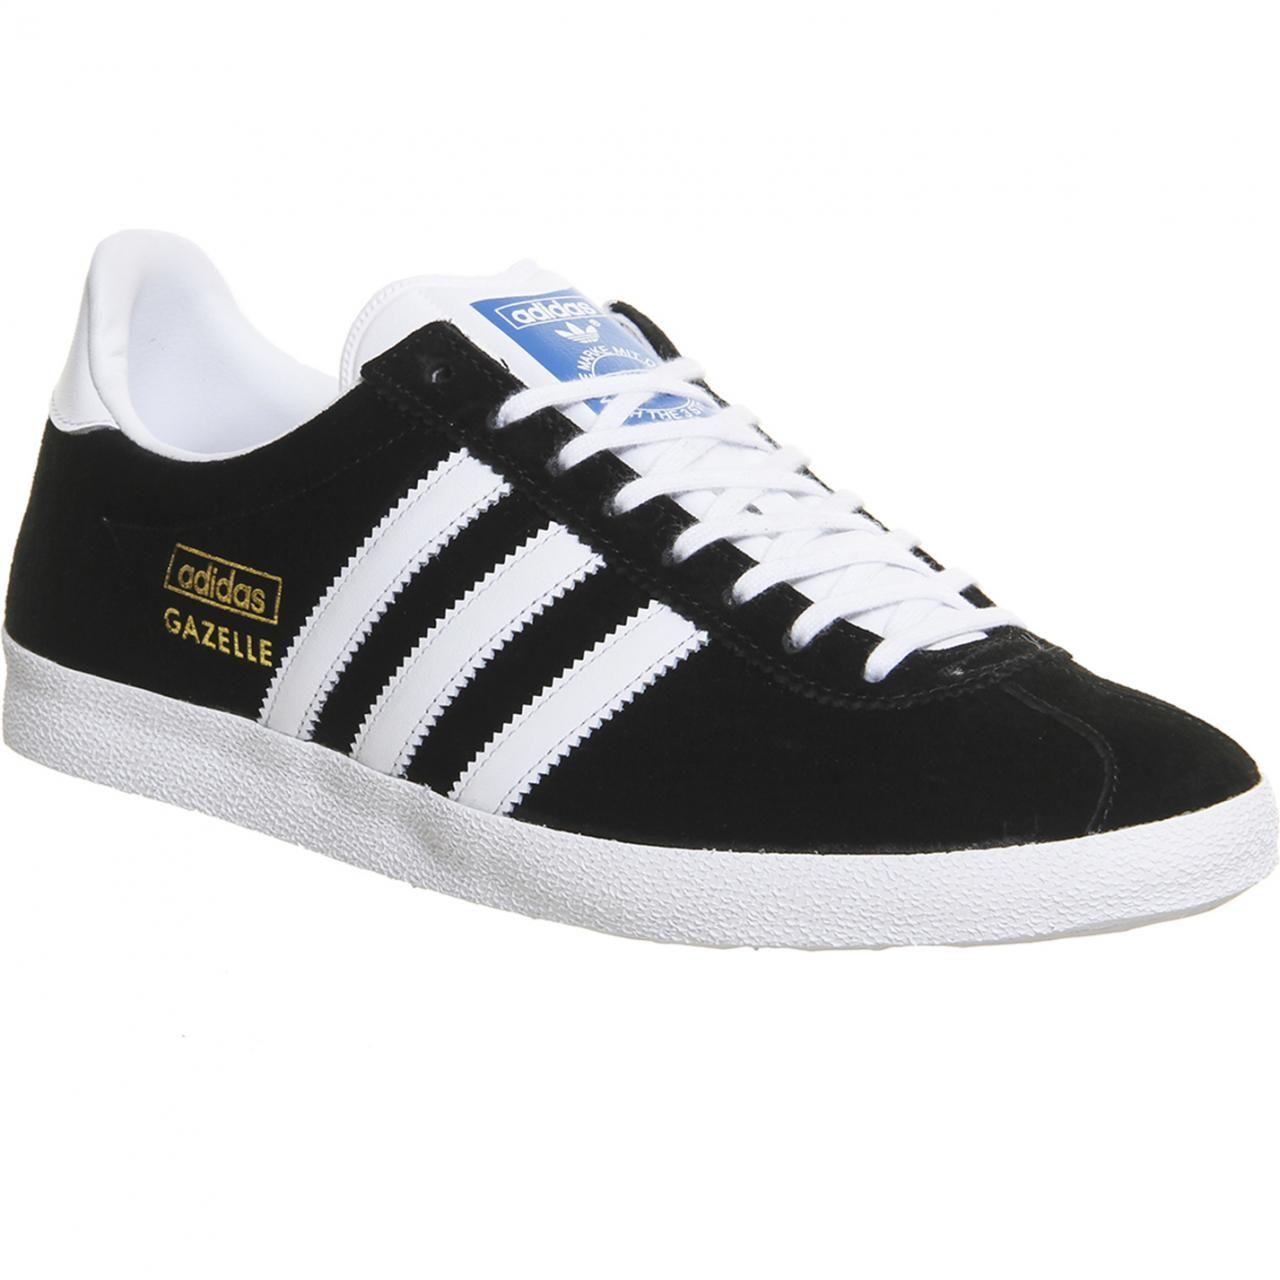 Adidas gazzella scarpe da ginnastica visto louis tomlinson come in